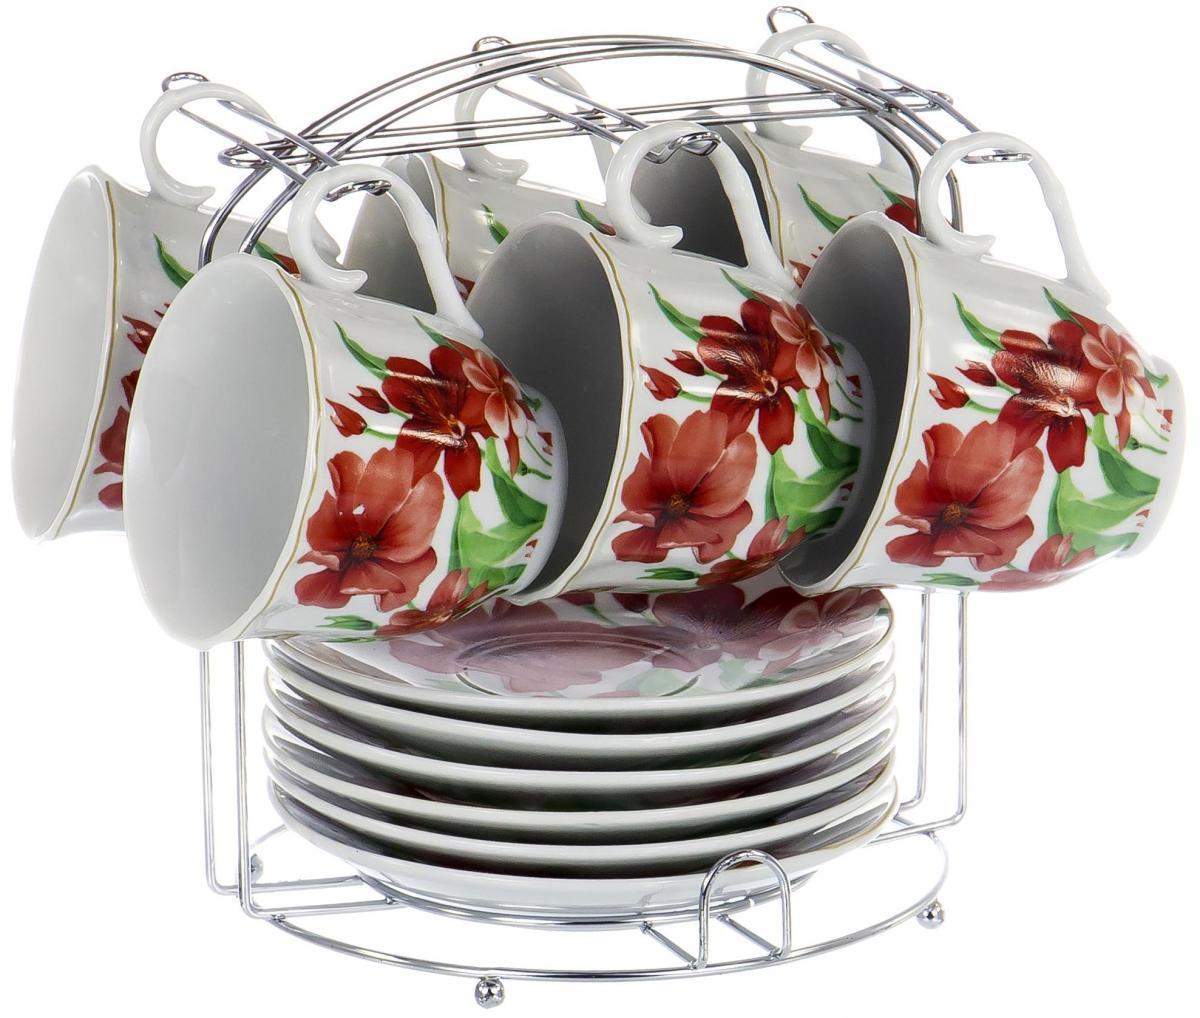 Набор чайный Olaff Metal Stand, 13 предметов. DL-F6MS-185DL-F6MS-185Чайный набор Metal Stand на шесть персон включает в себя шесть чашек 220 мл, шесть блюдец и металлическую подставку для удобного хранения, которая позволит сэкономить место на кухне. Посуда выполнена из качественного фарфора и декорирована жизнерадостным цветочным рисунком. Демократичный набор для повседневного использования и семейных посиделок.